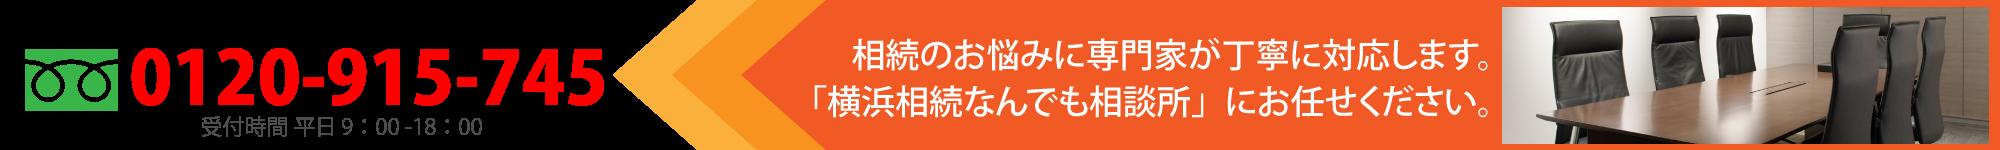 相続のお悩みに専門家が丁寧に対応します。「横浜相続なんでも相談所」にお任せください。